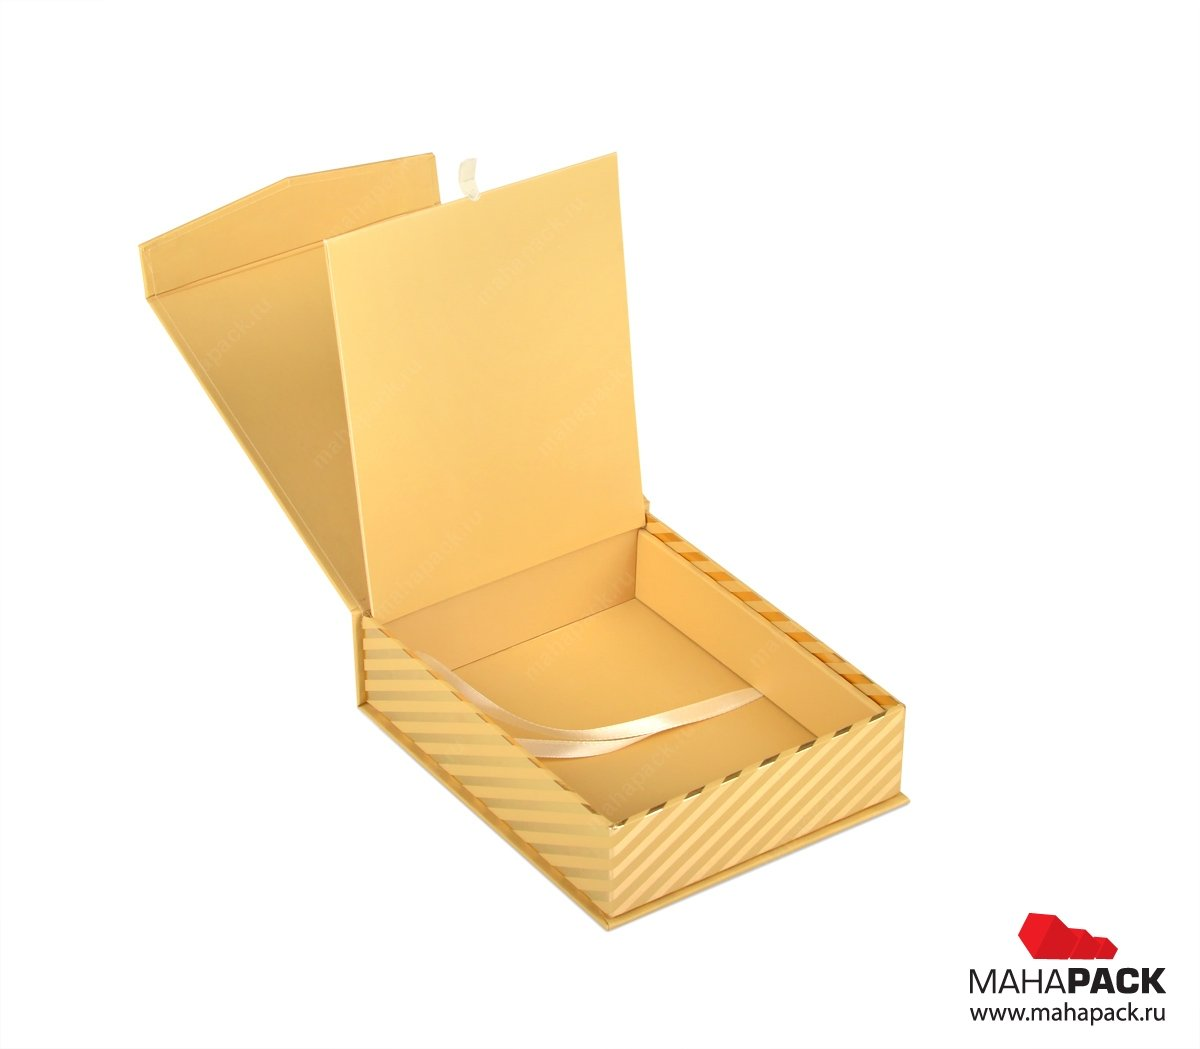 картонная упаковка на заказ по вашему или нашему дизайну